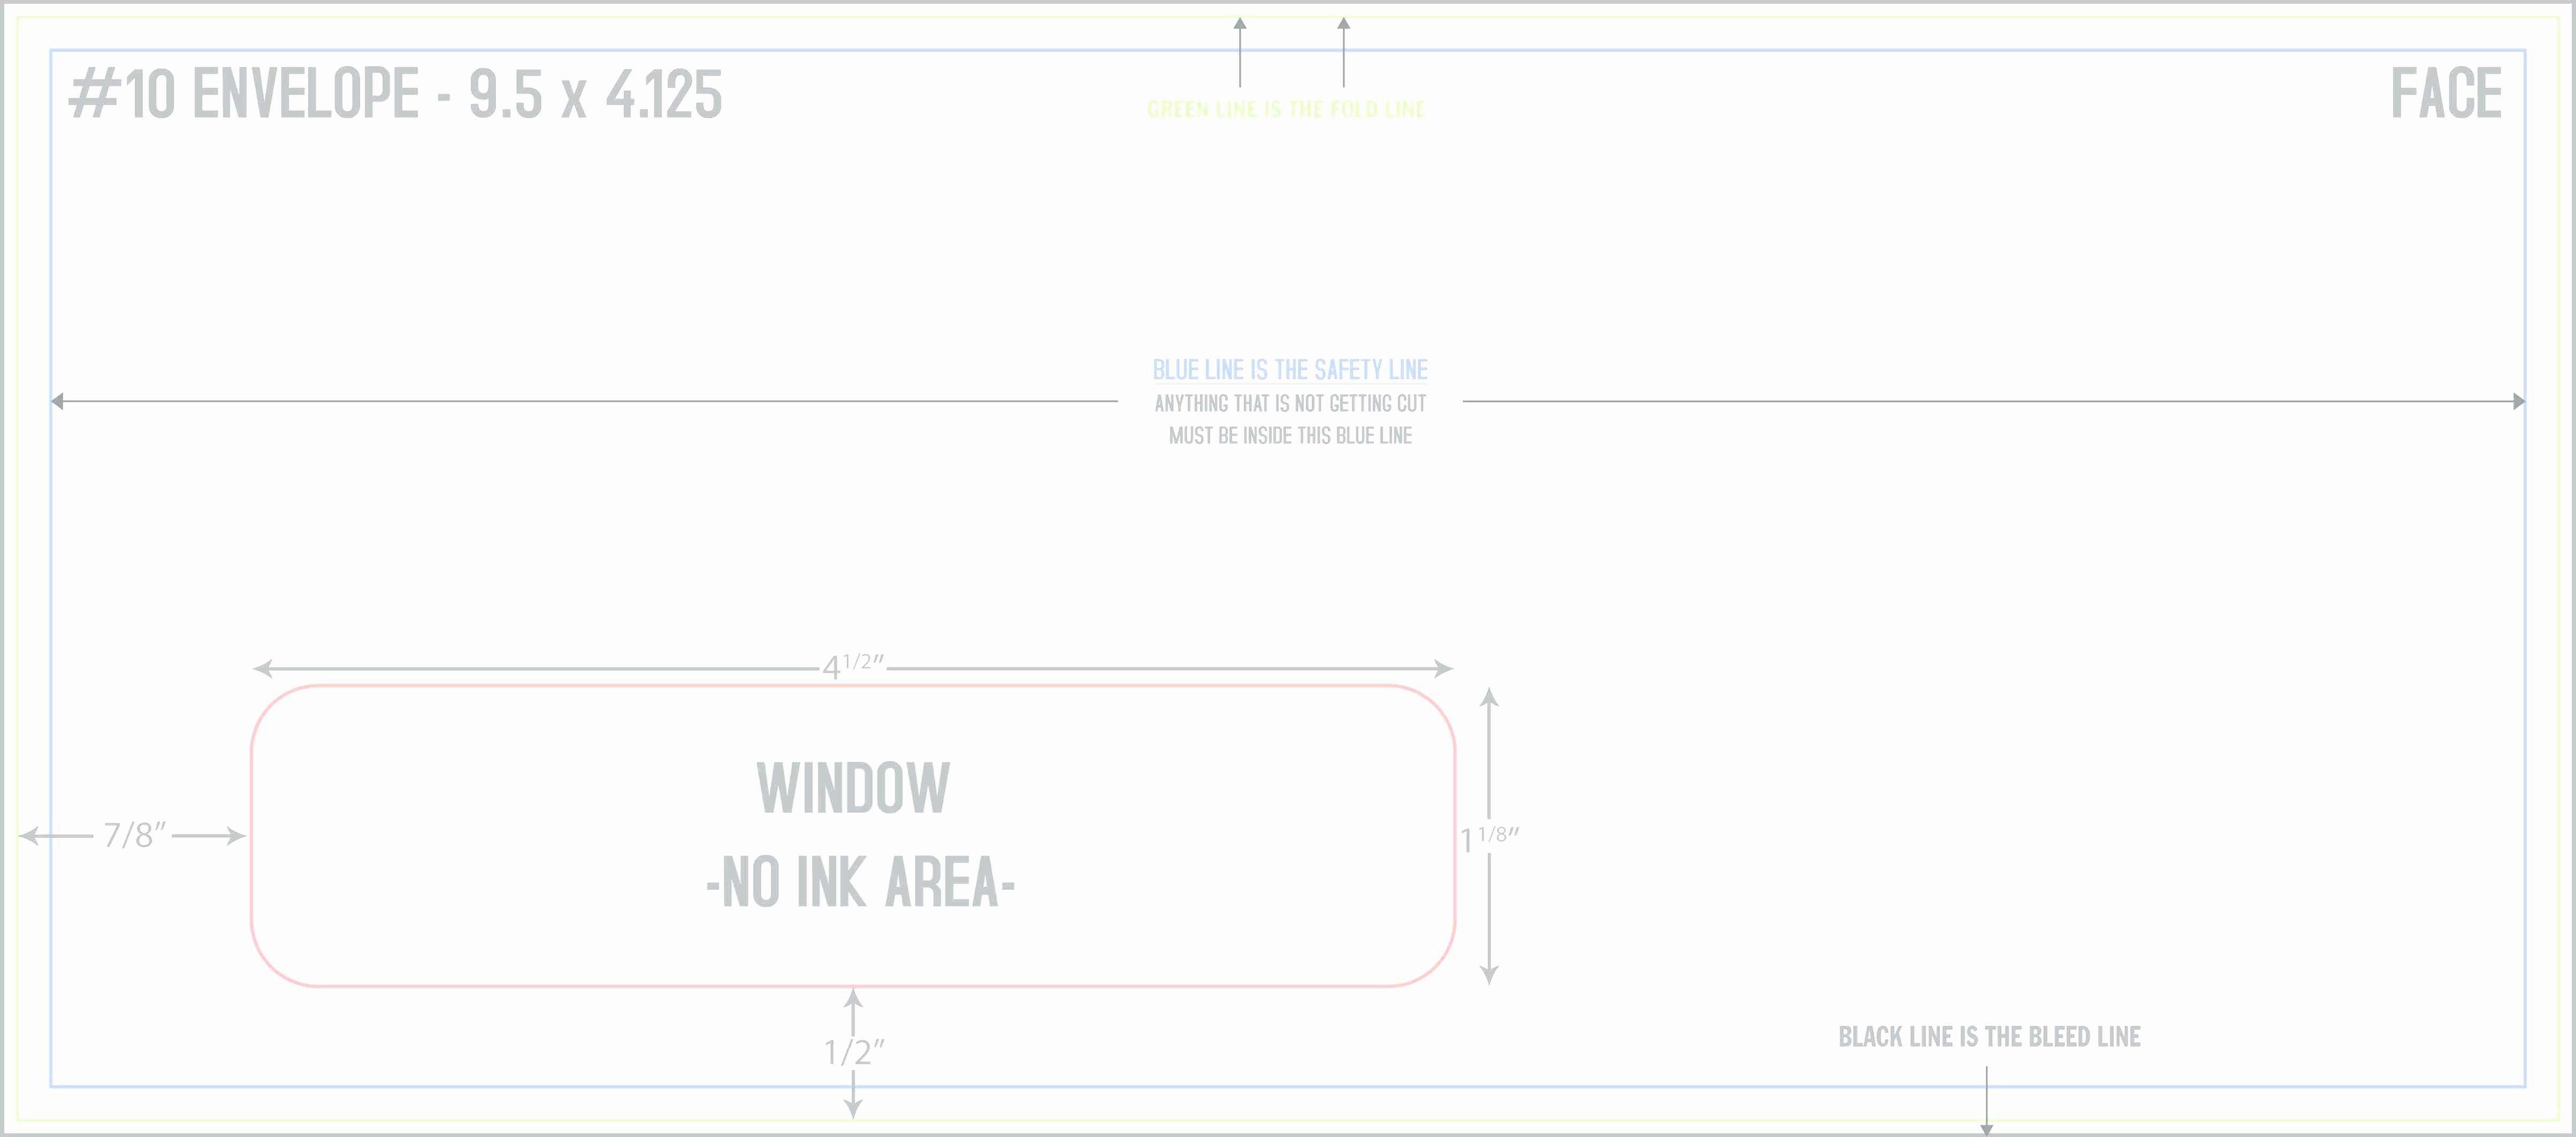 10 Envelope Template Illustrator Lovely Best 10 Window Envelope Template Pdf